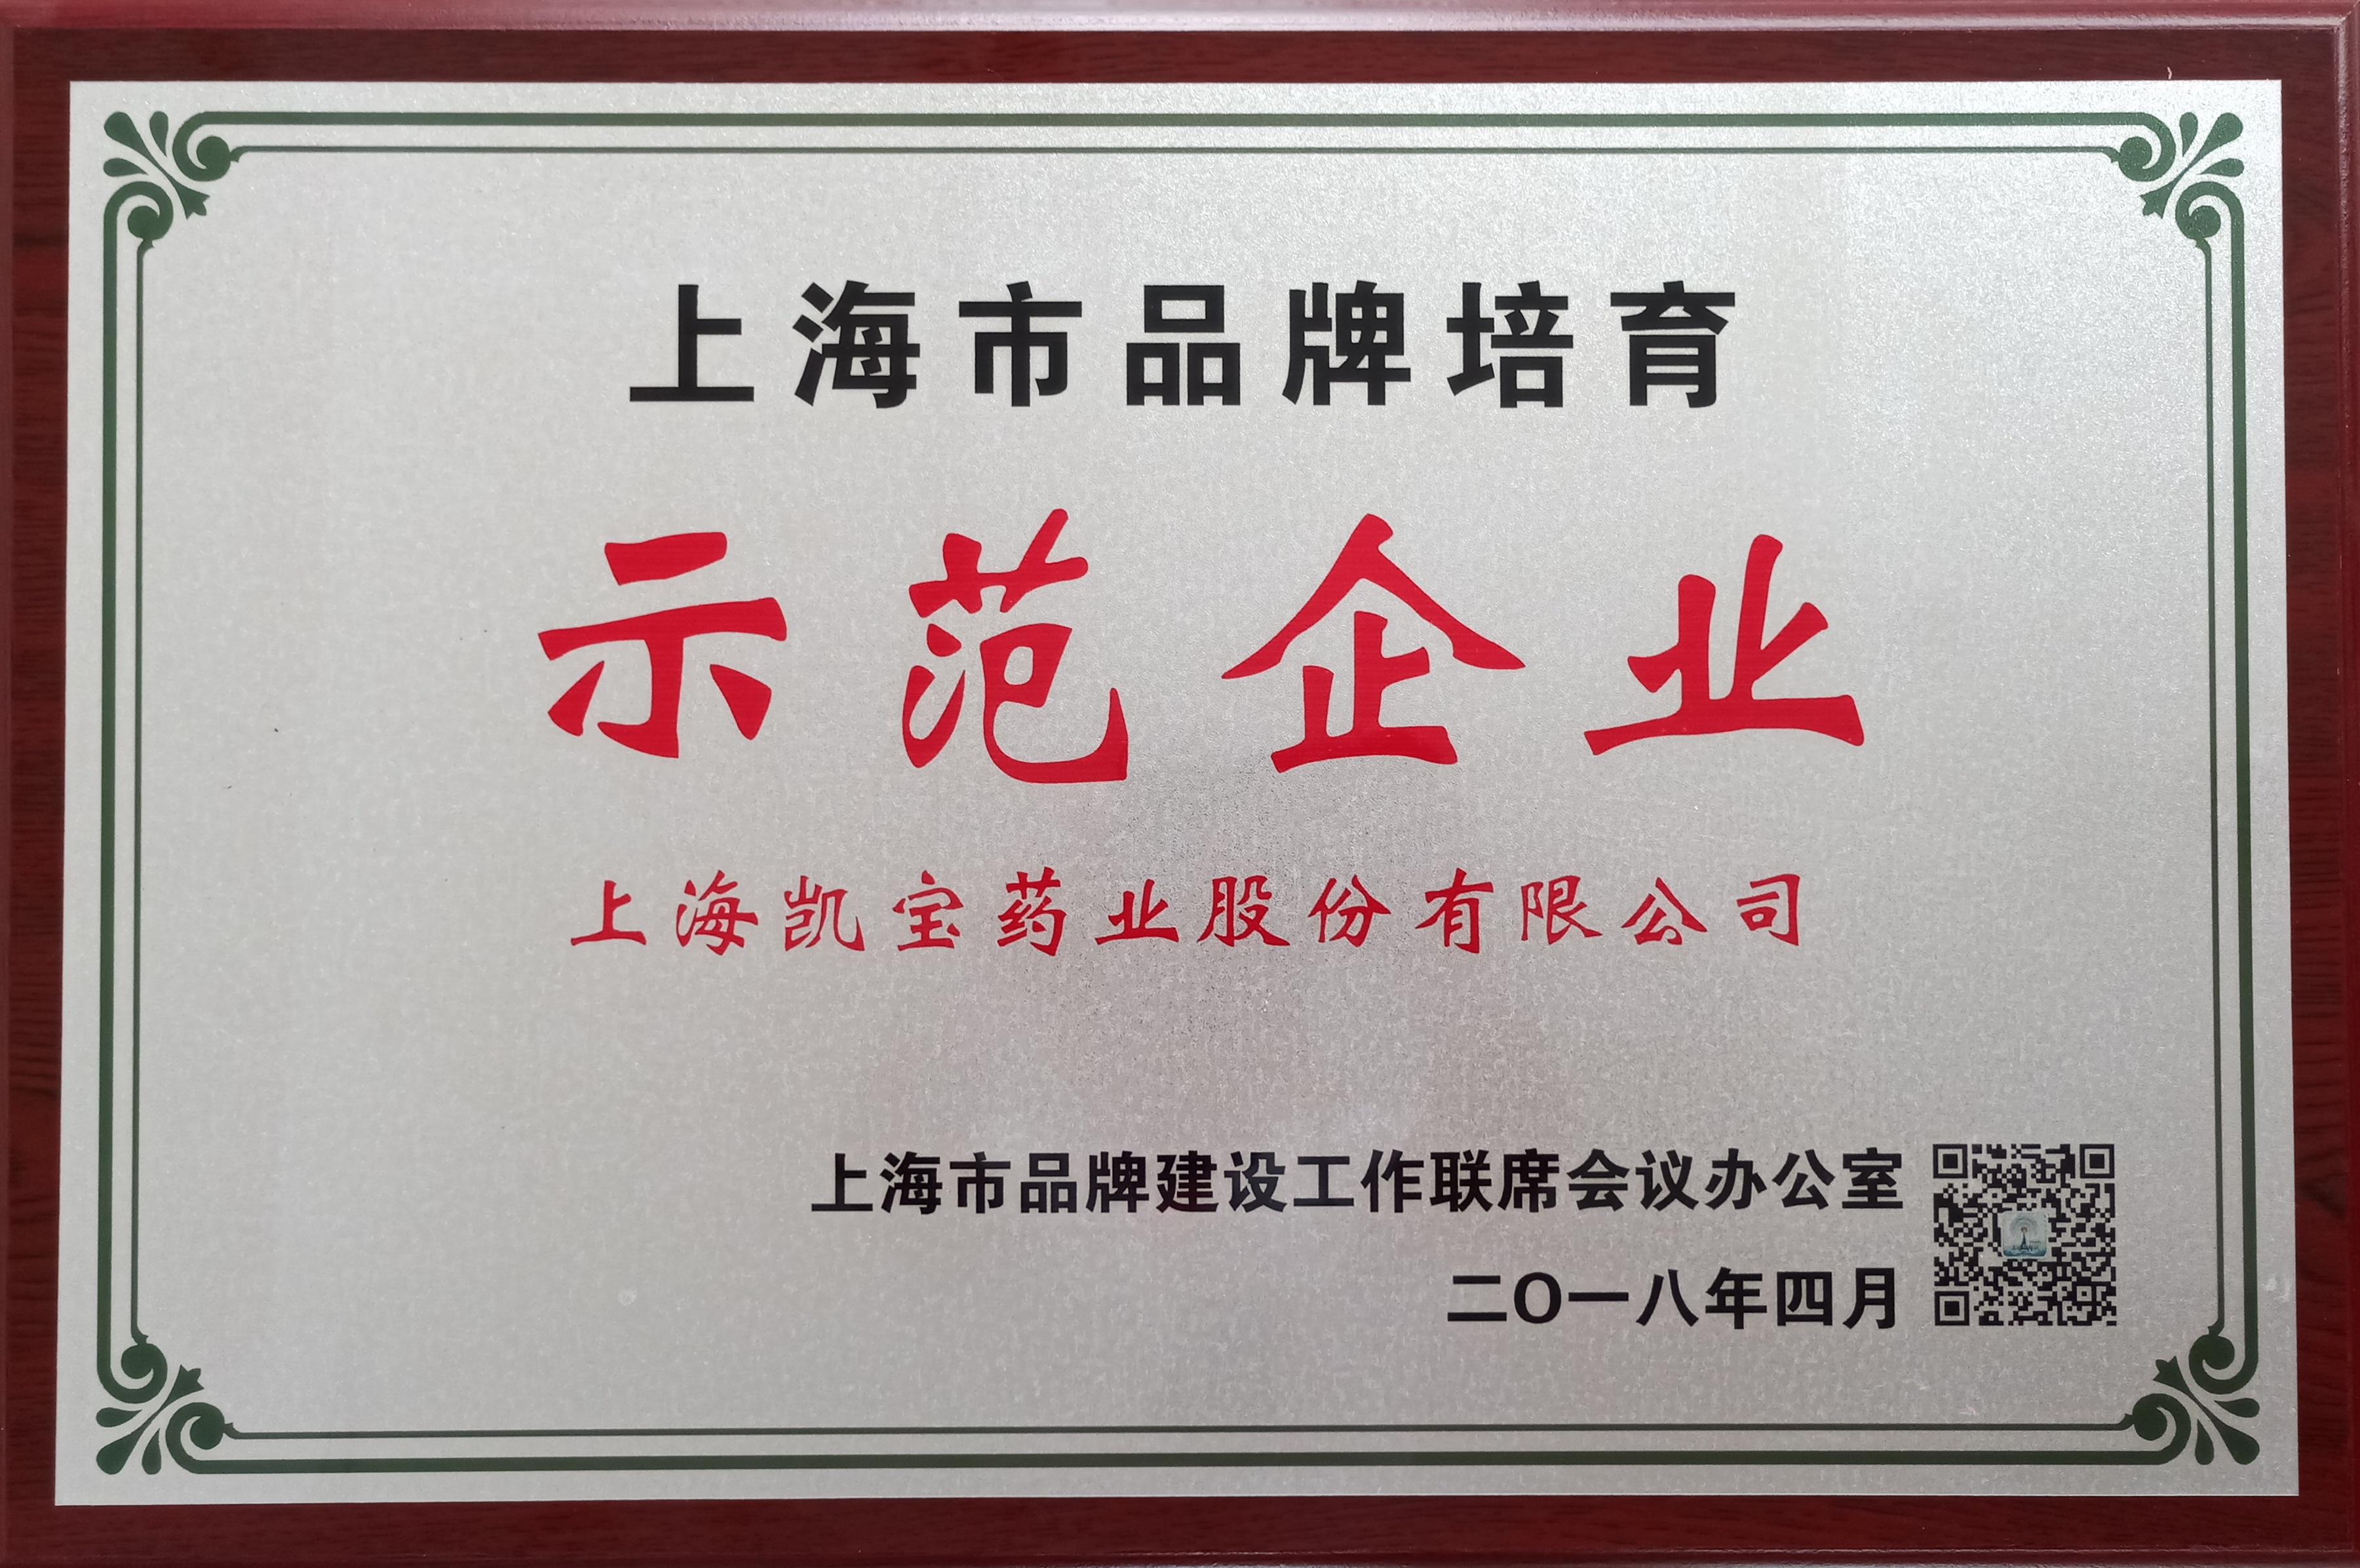 2018.04上海品牌培育示范企業